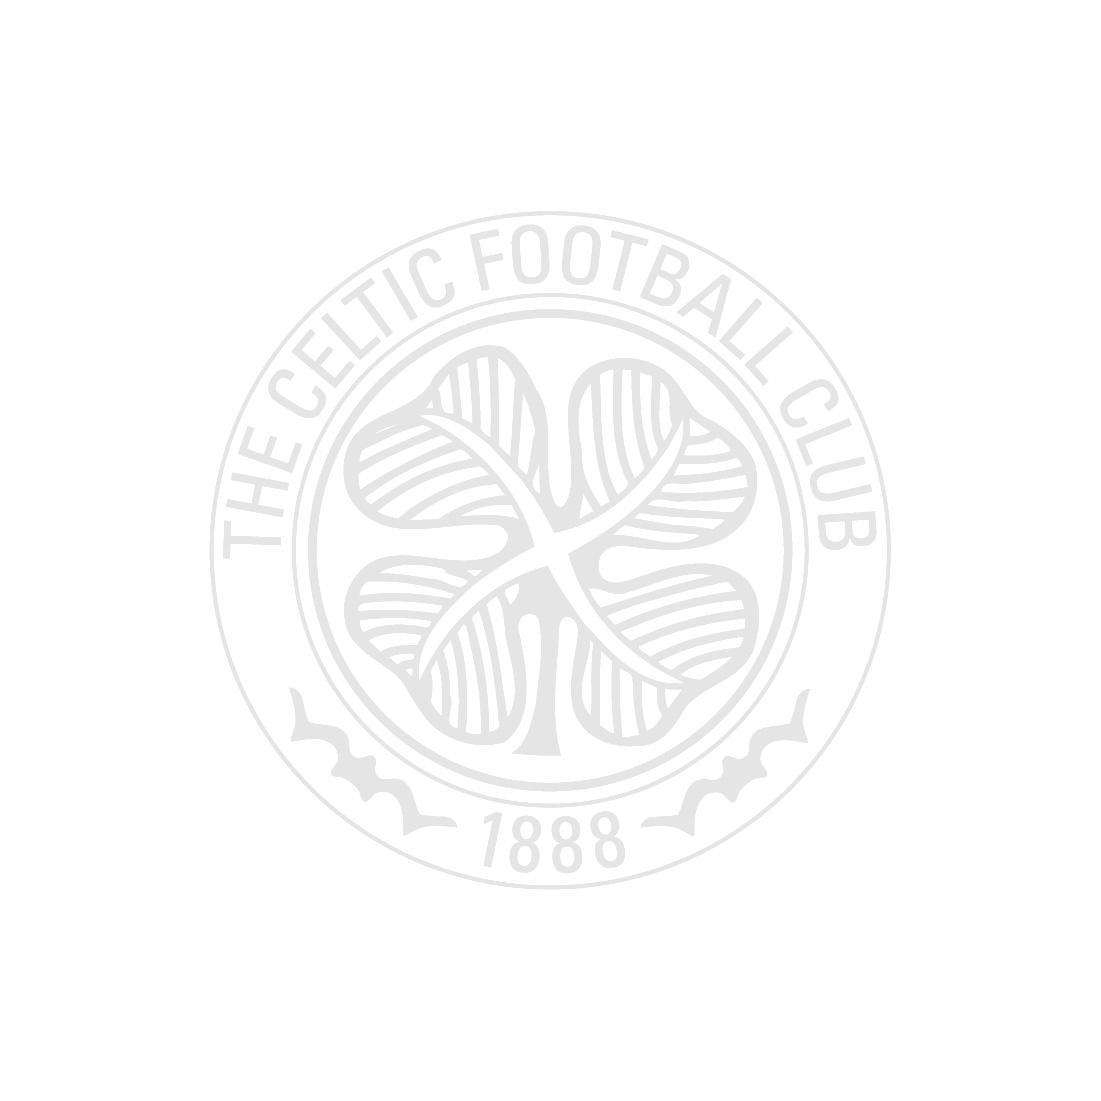 Celtic Treble T-shirt - Paradise State